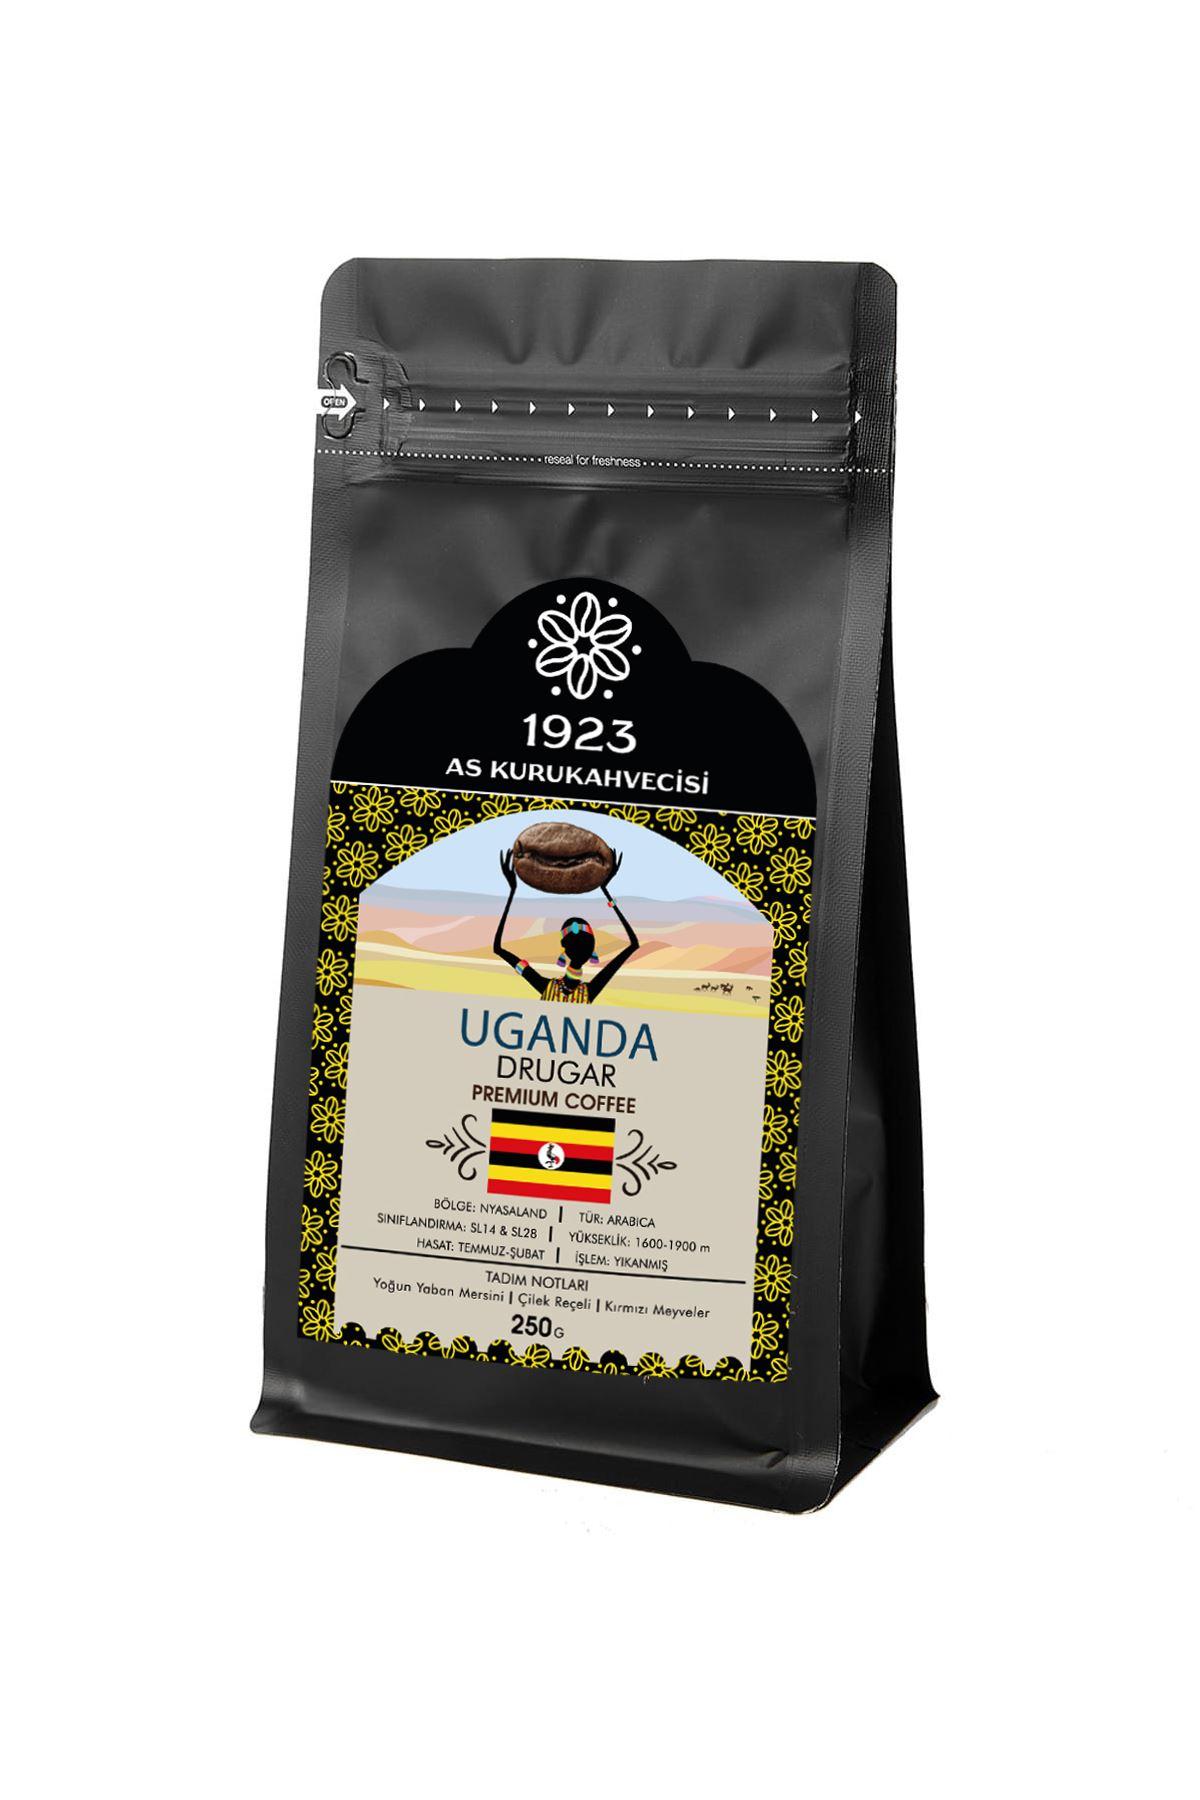 Uganda Drugar Filtre Kahve 250 gr.